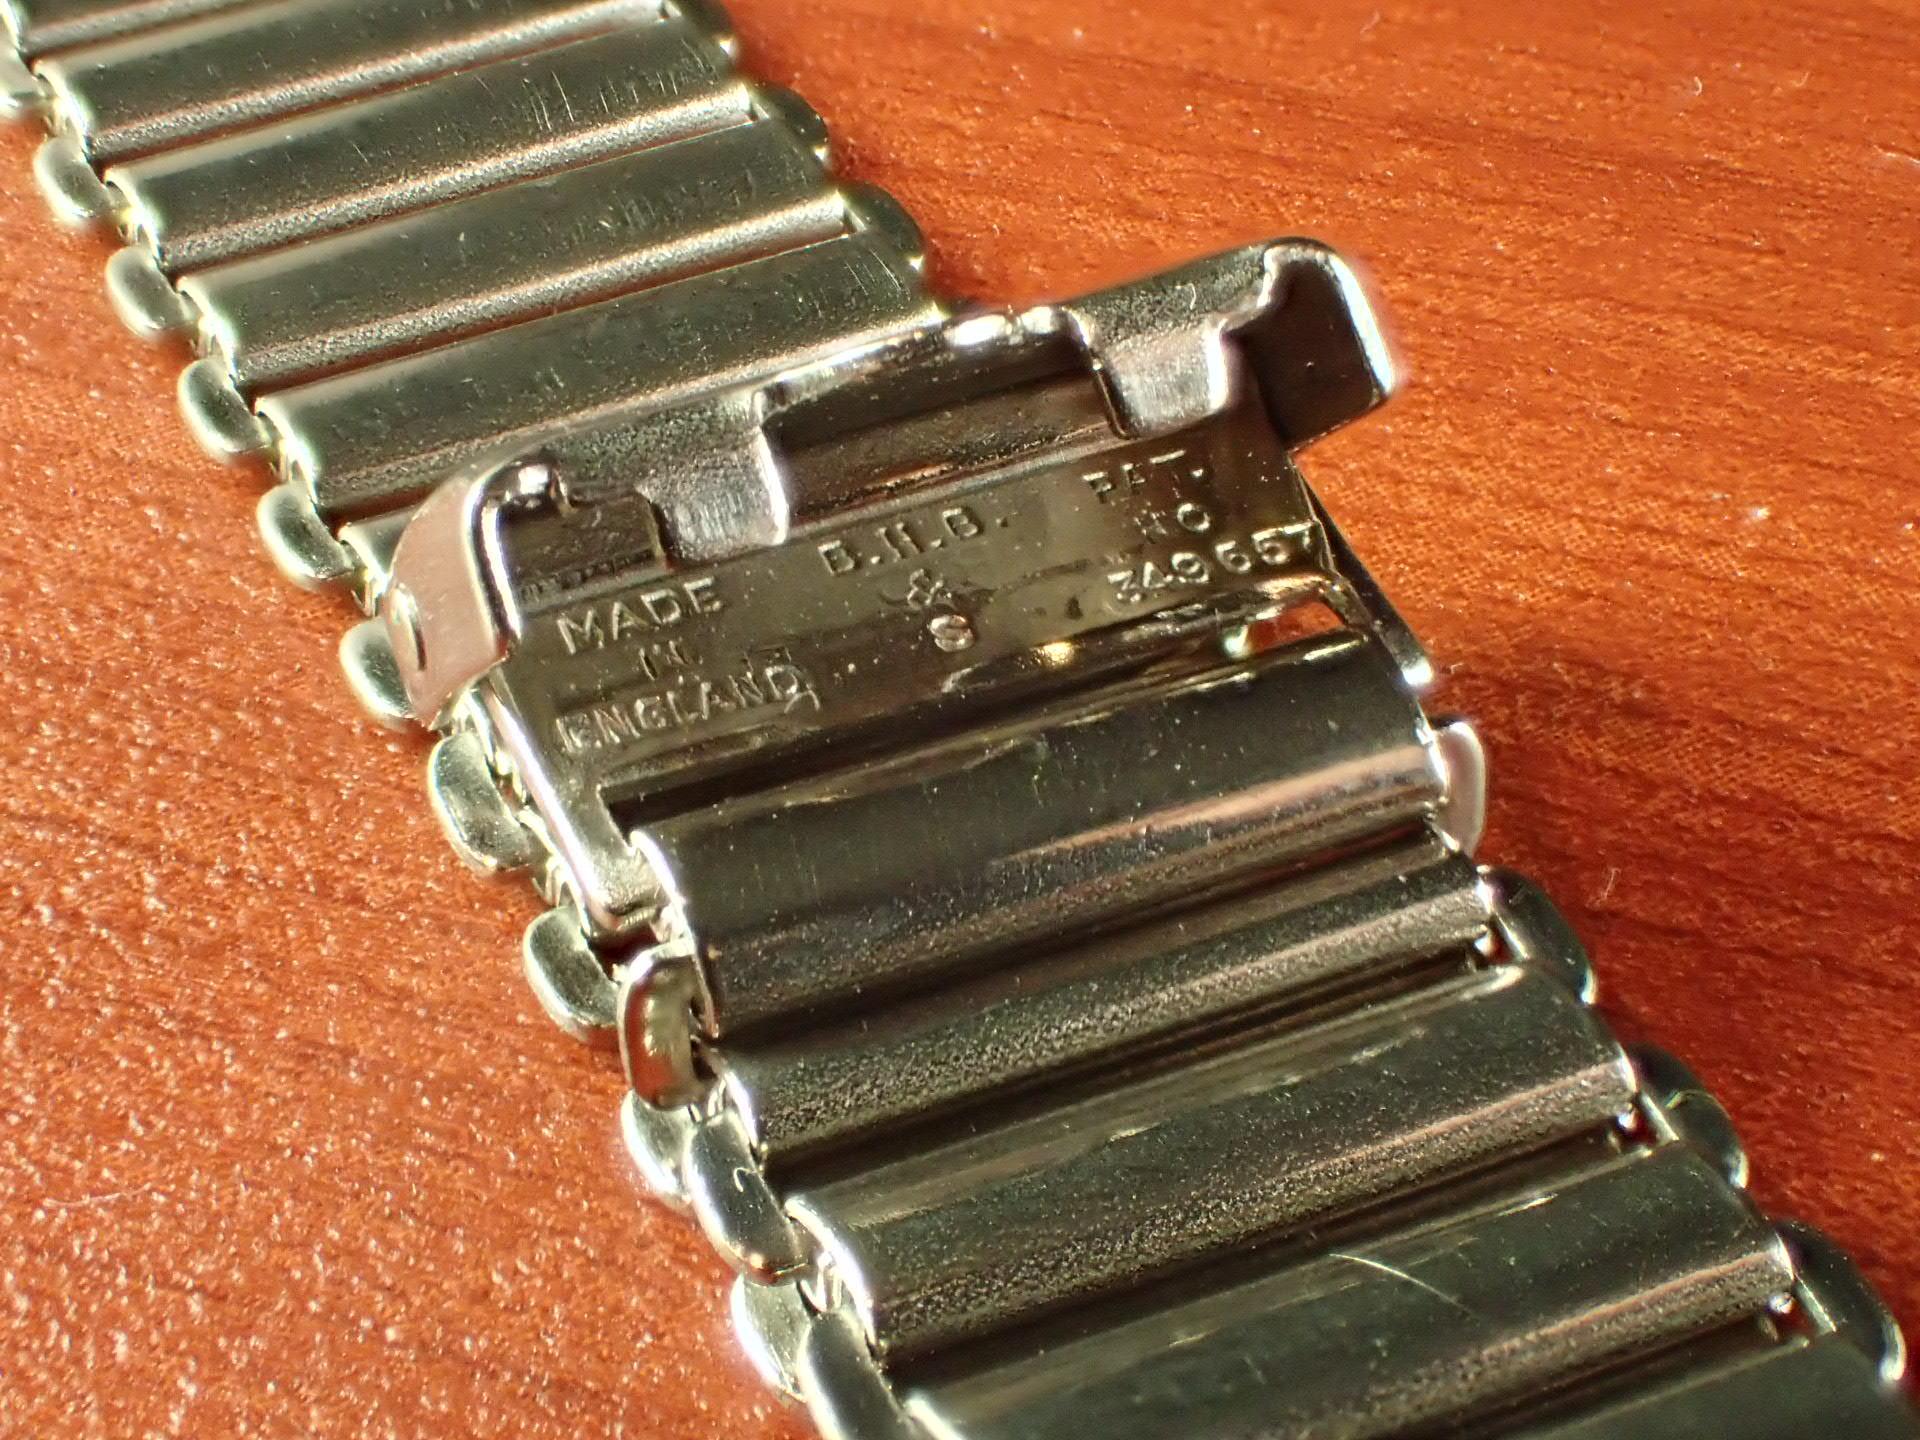 ボンクリップ バンブーブレス NOS リンク13mm 取付20mm SS 1940年代の写真3枚目